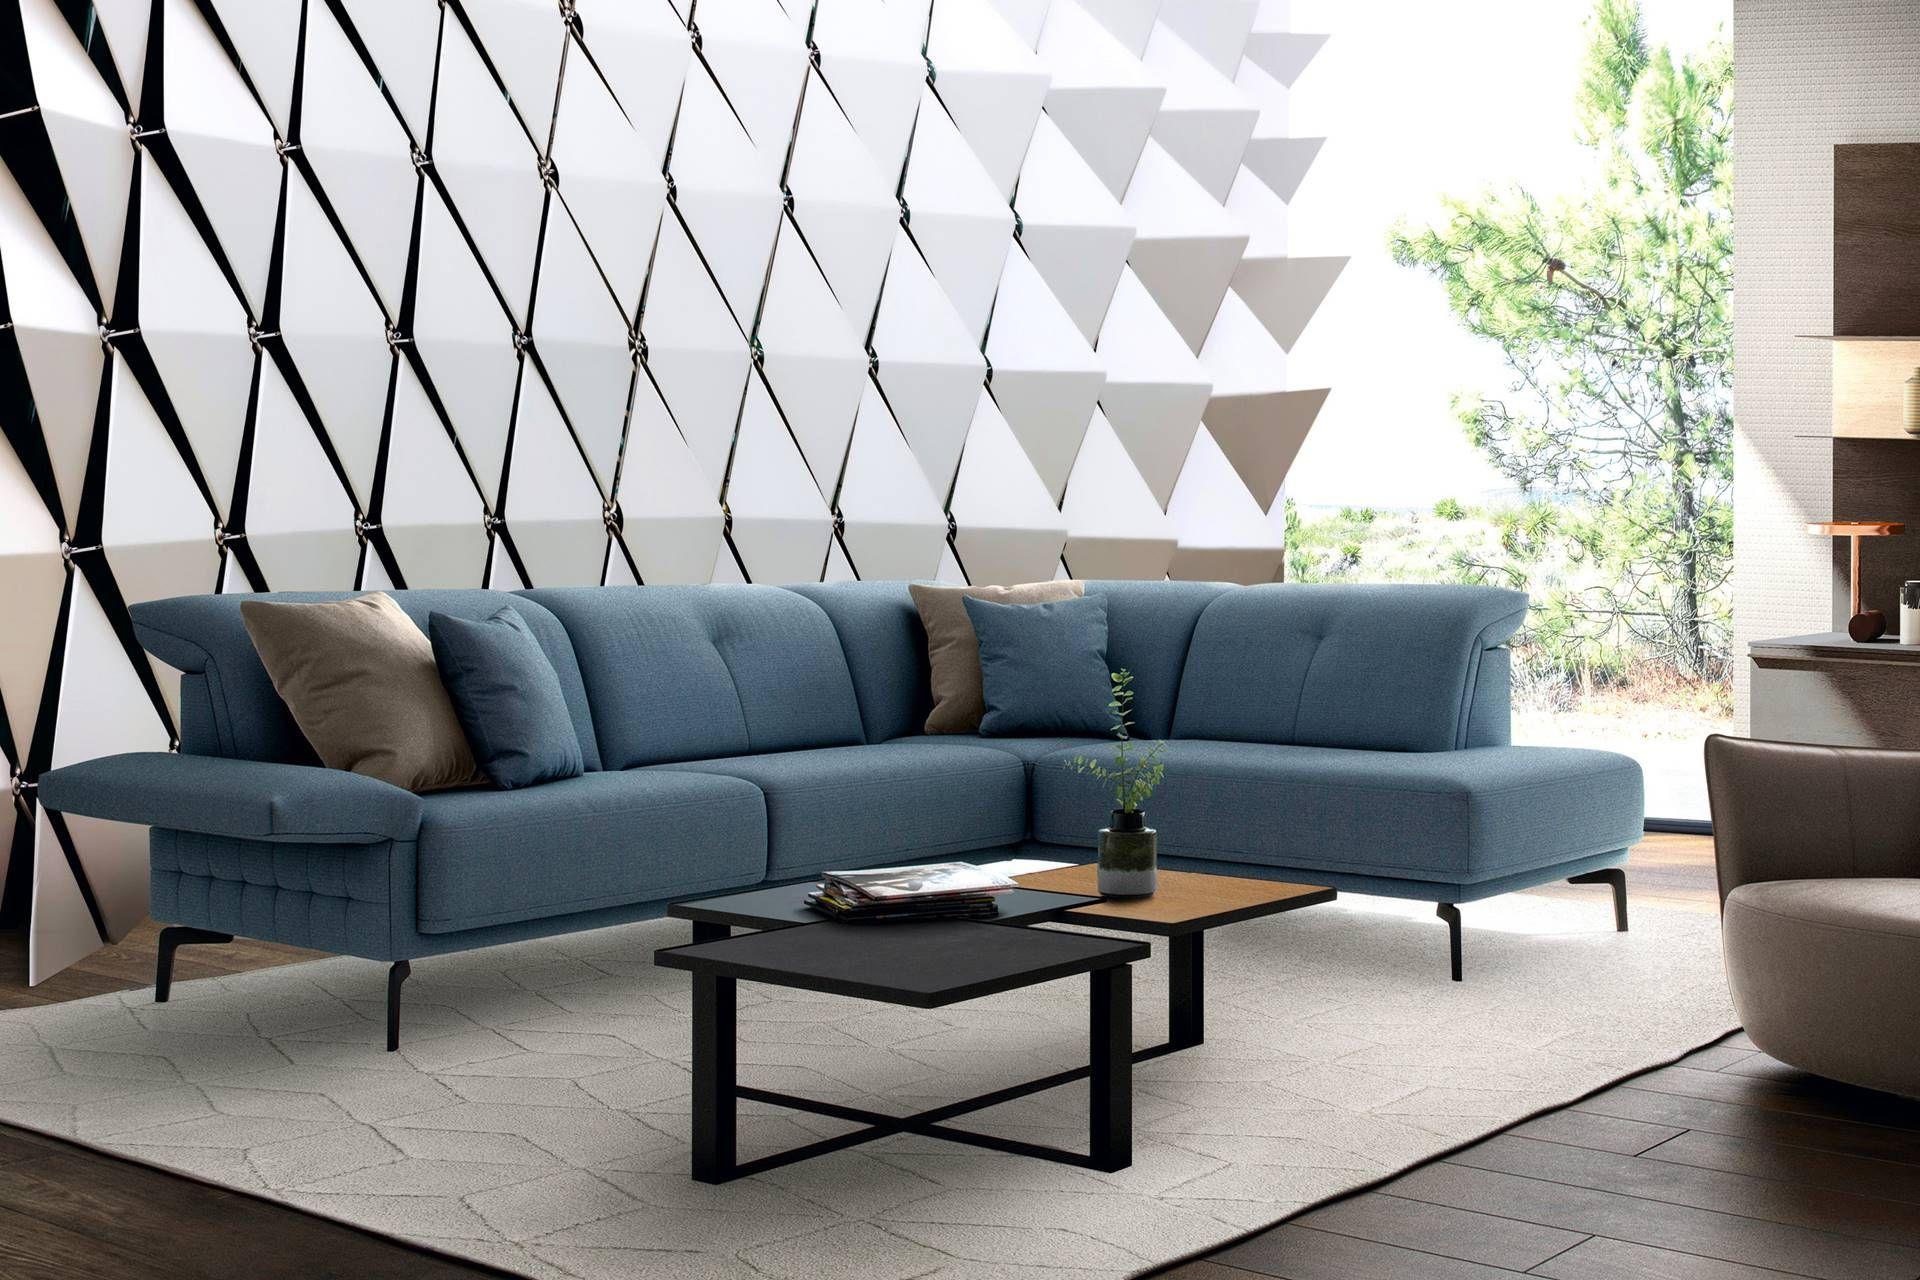 Canape D Angle Sur Mesure Canape Angle Mobilier De Salon Decoration Maison